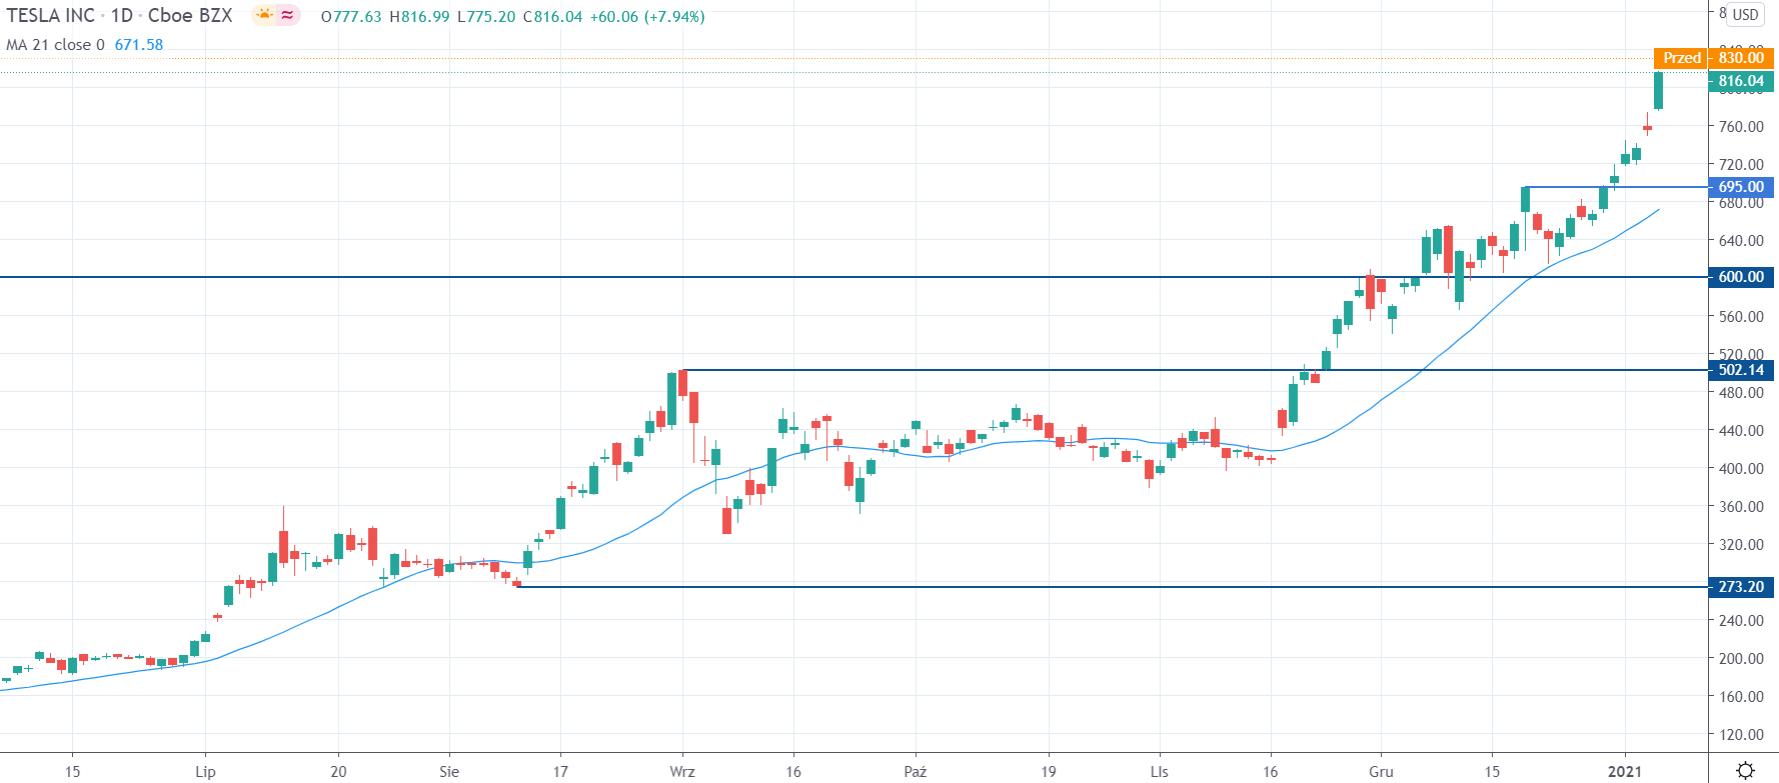 Kurs akcji Tesla na interwale dziennym, tradingview